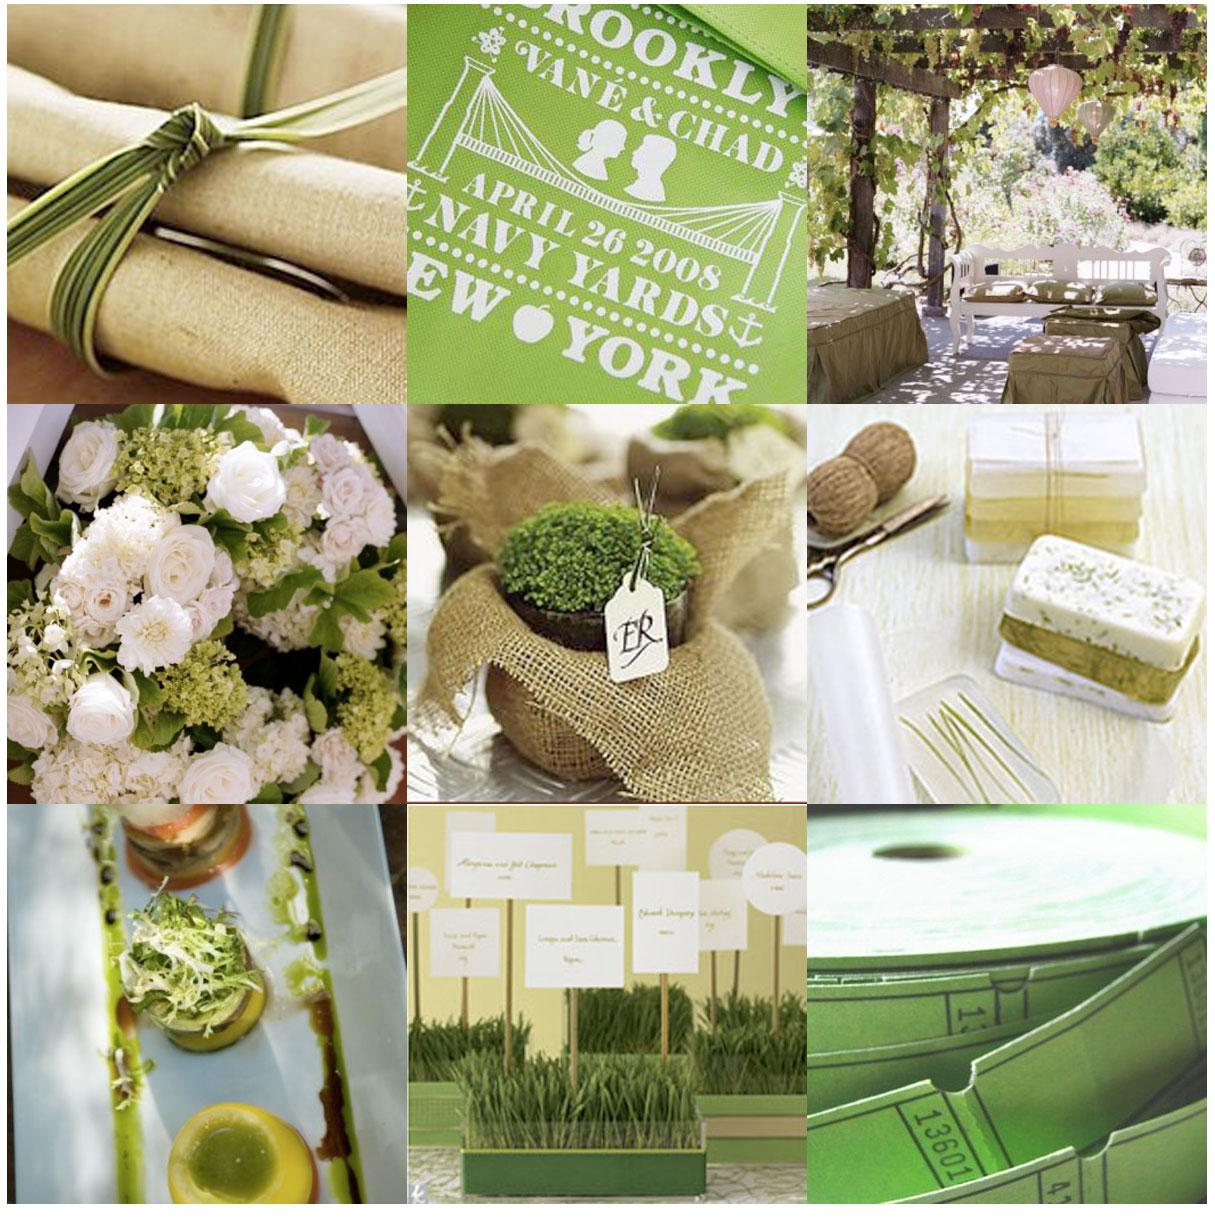 Green Wedding Inspirations By K & K Designs